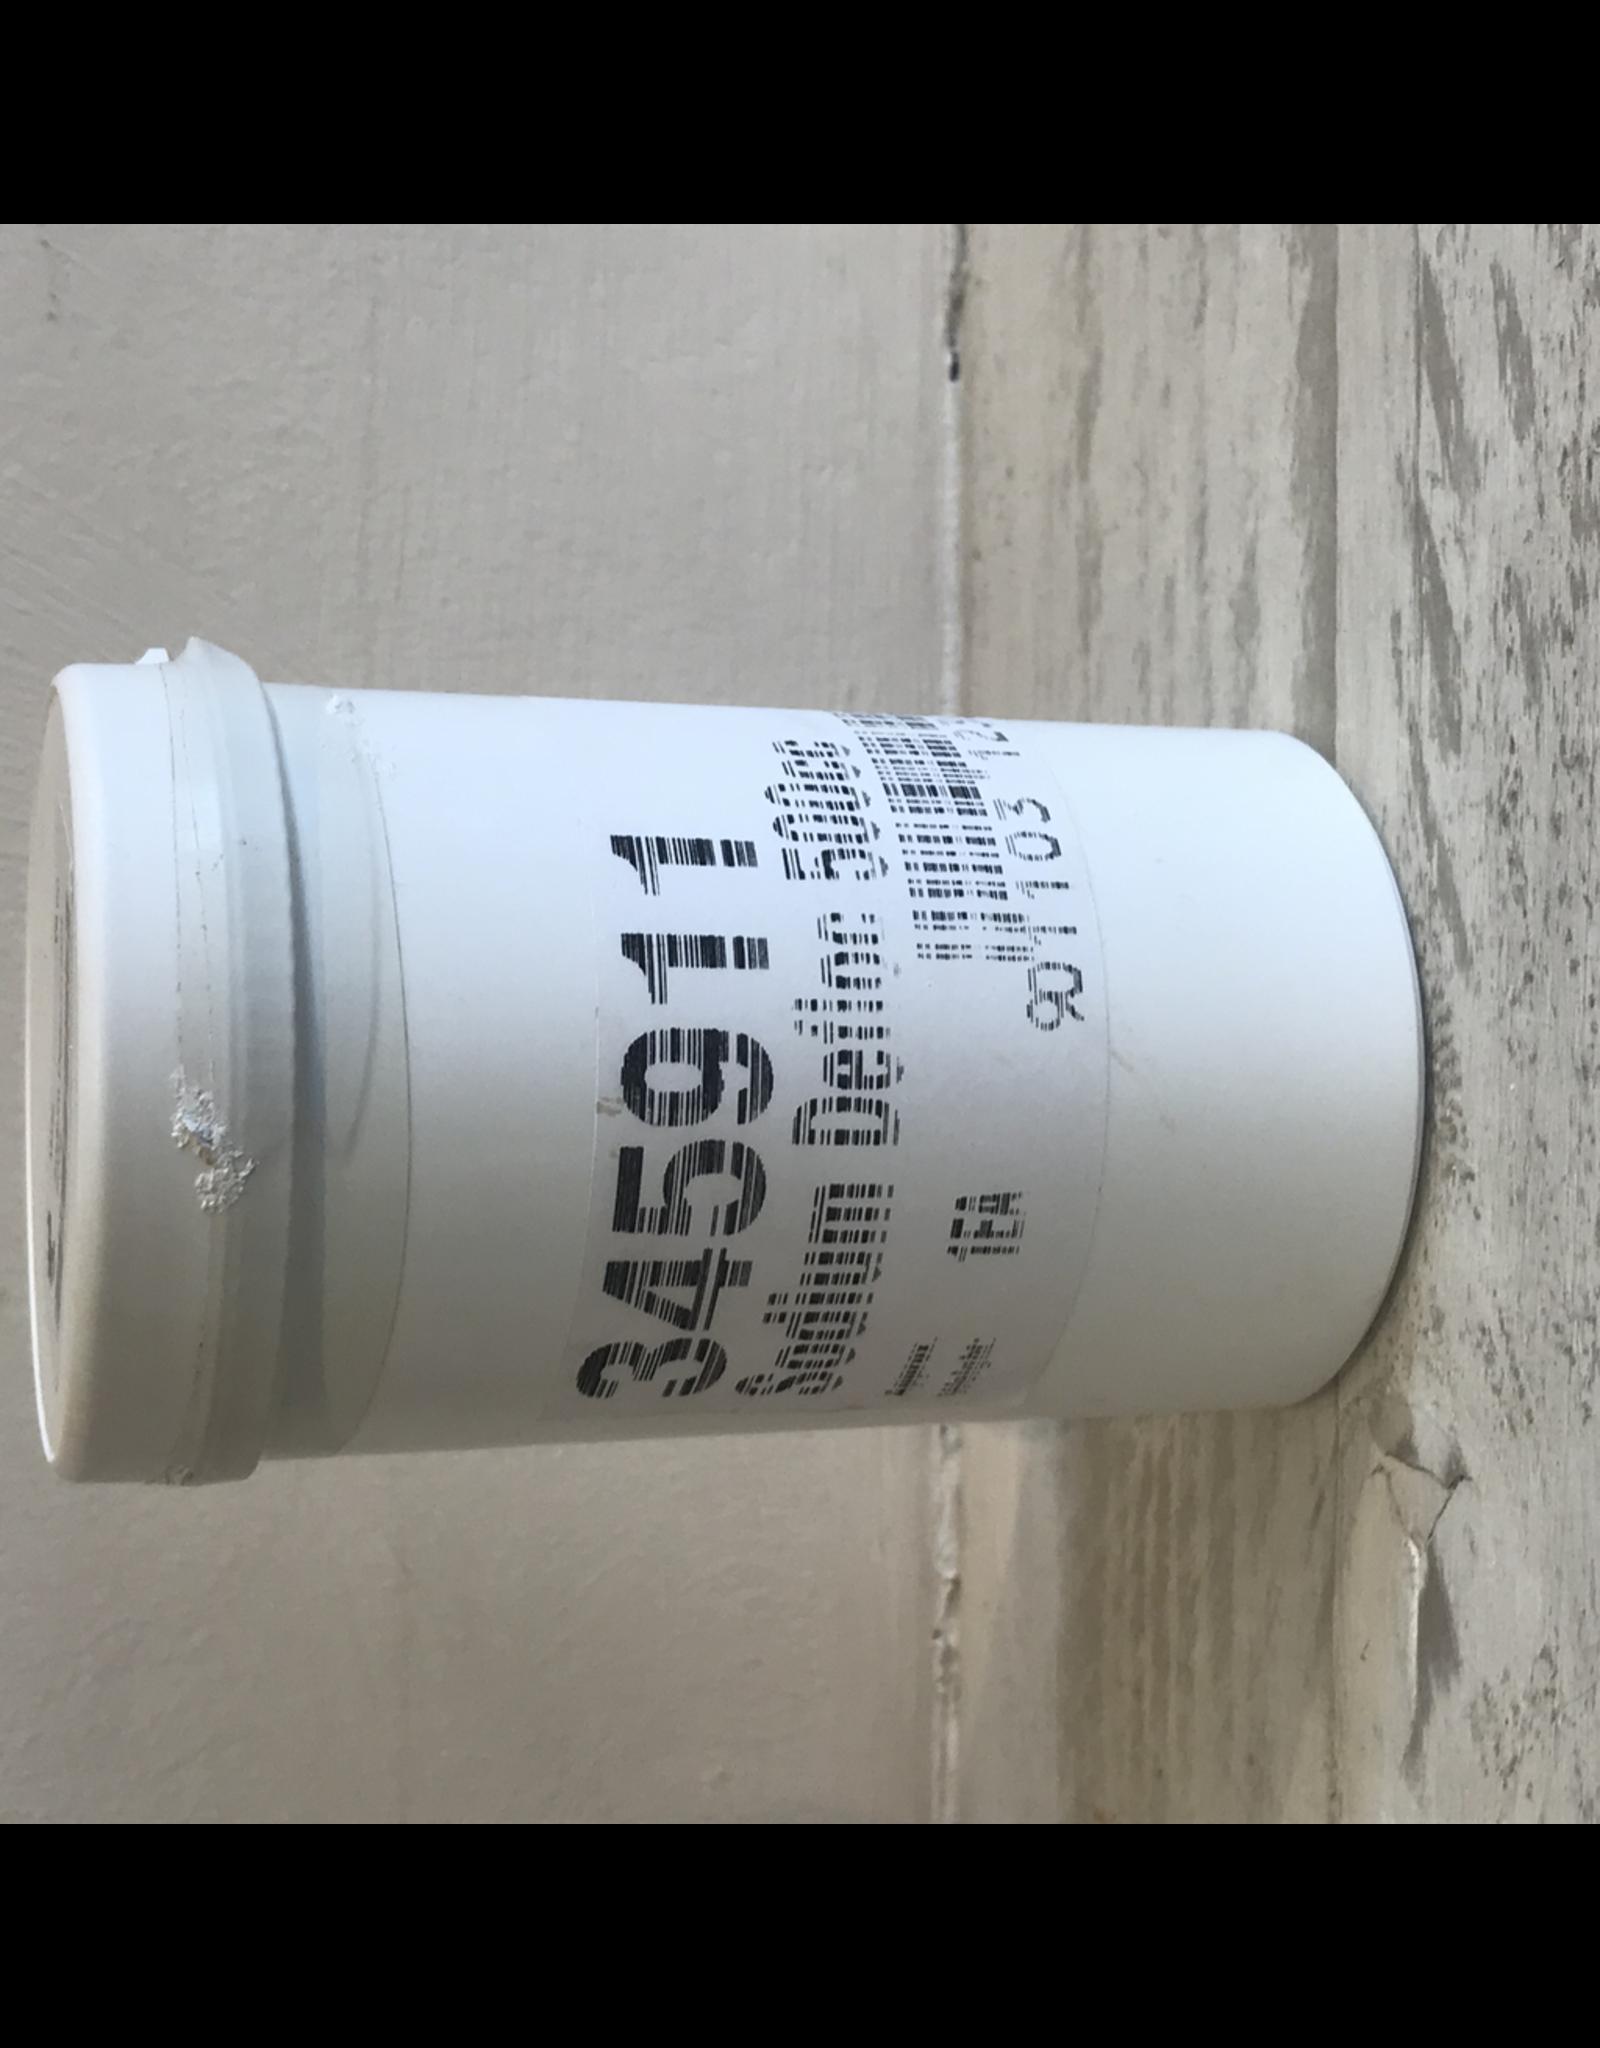 Sodium Deflocculant 500g